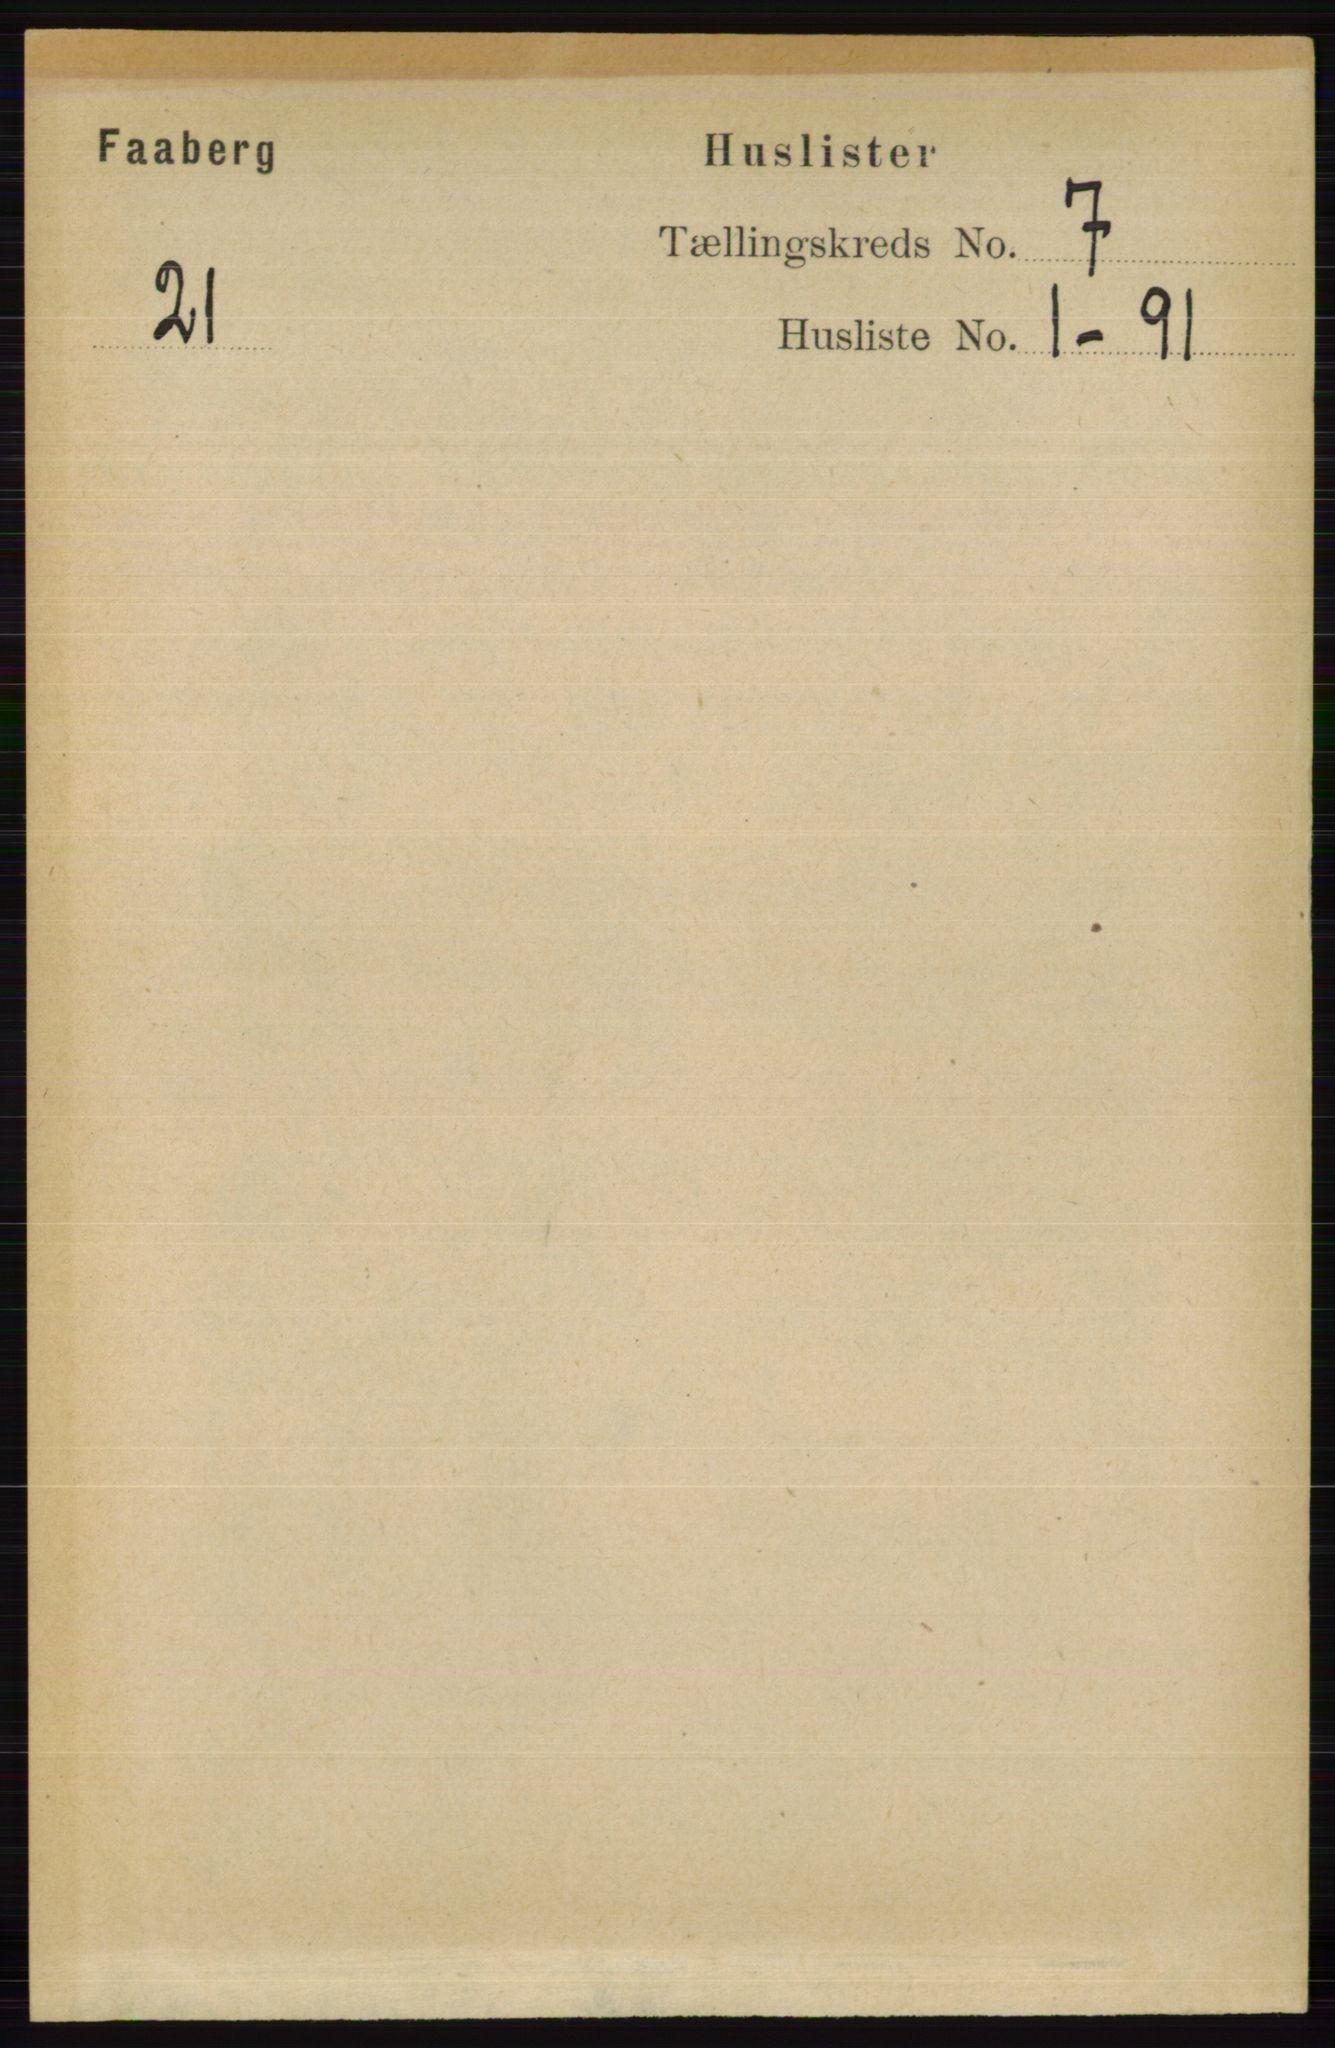 RA, Folketelling 1891 for 0524 Fåberg herred, 1891, s. 2682